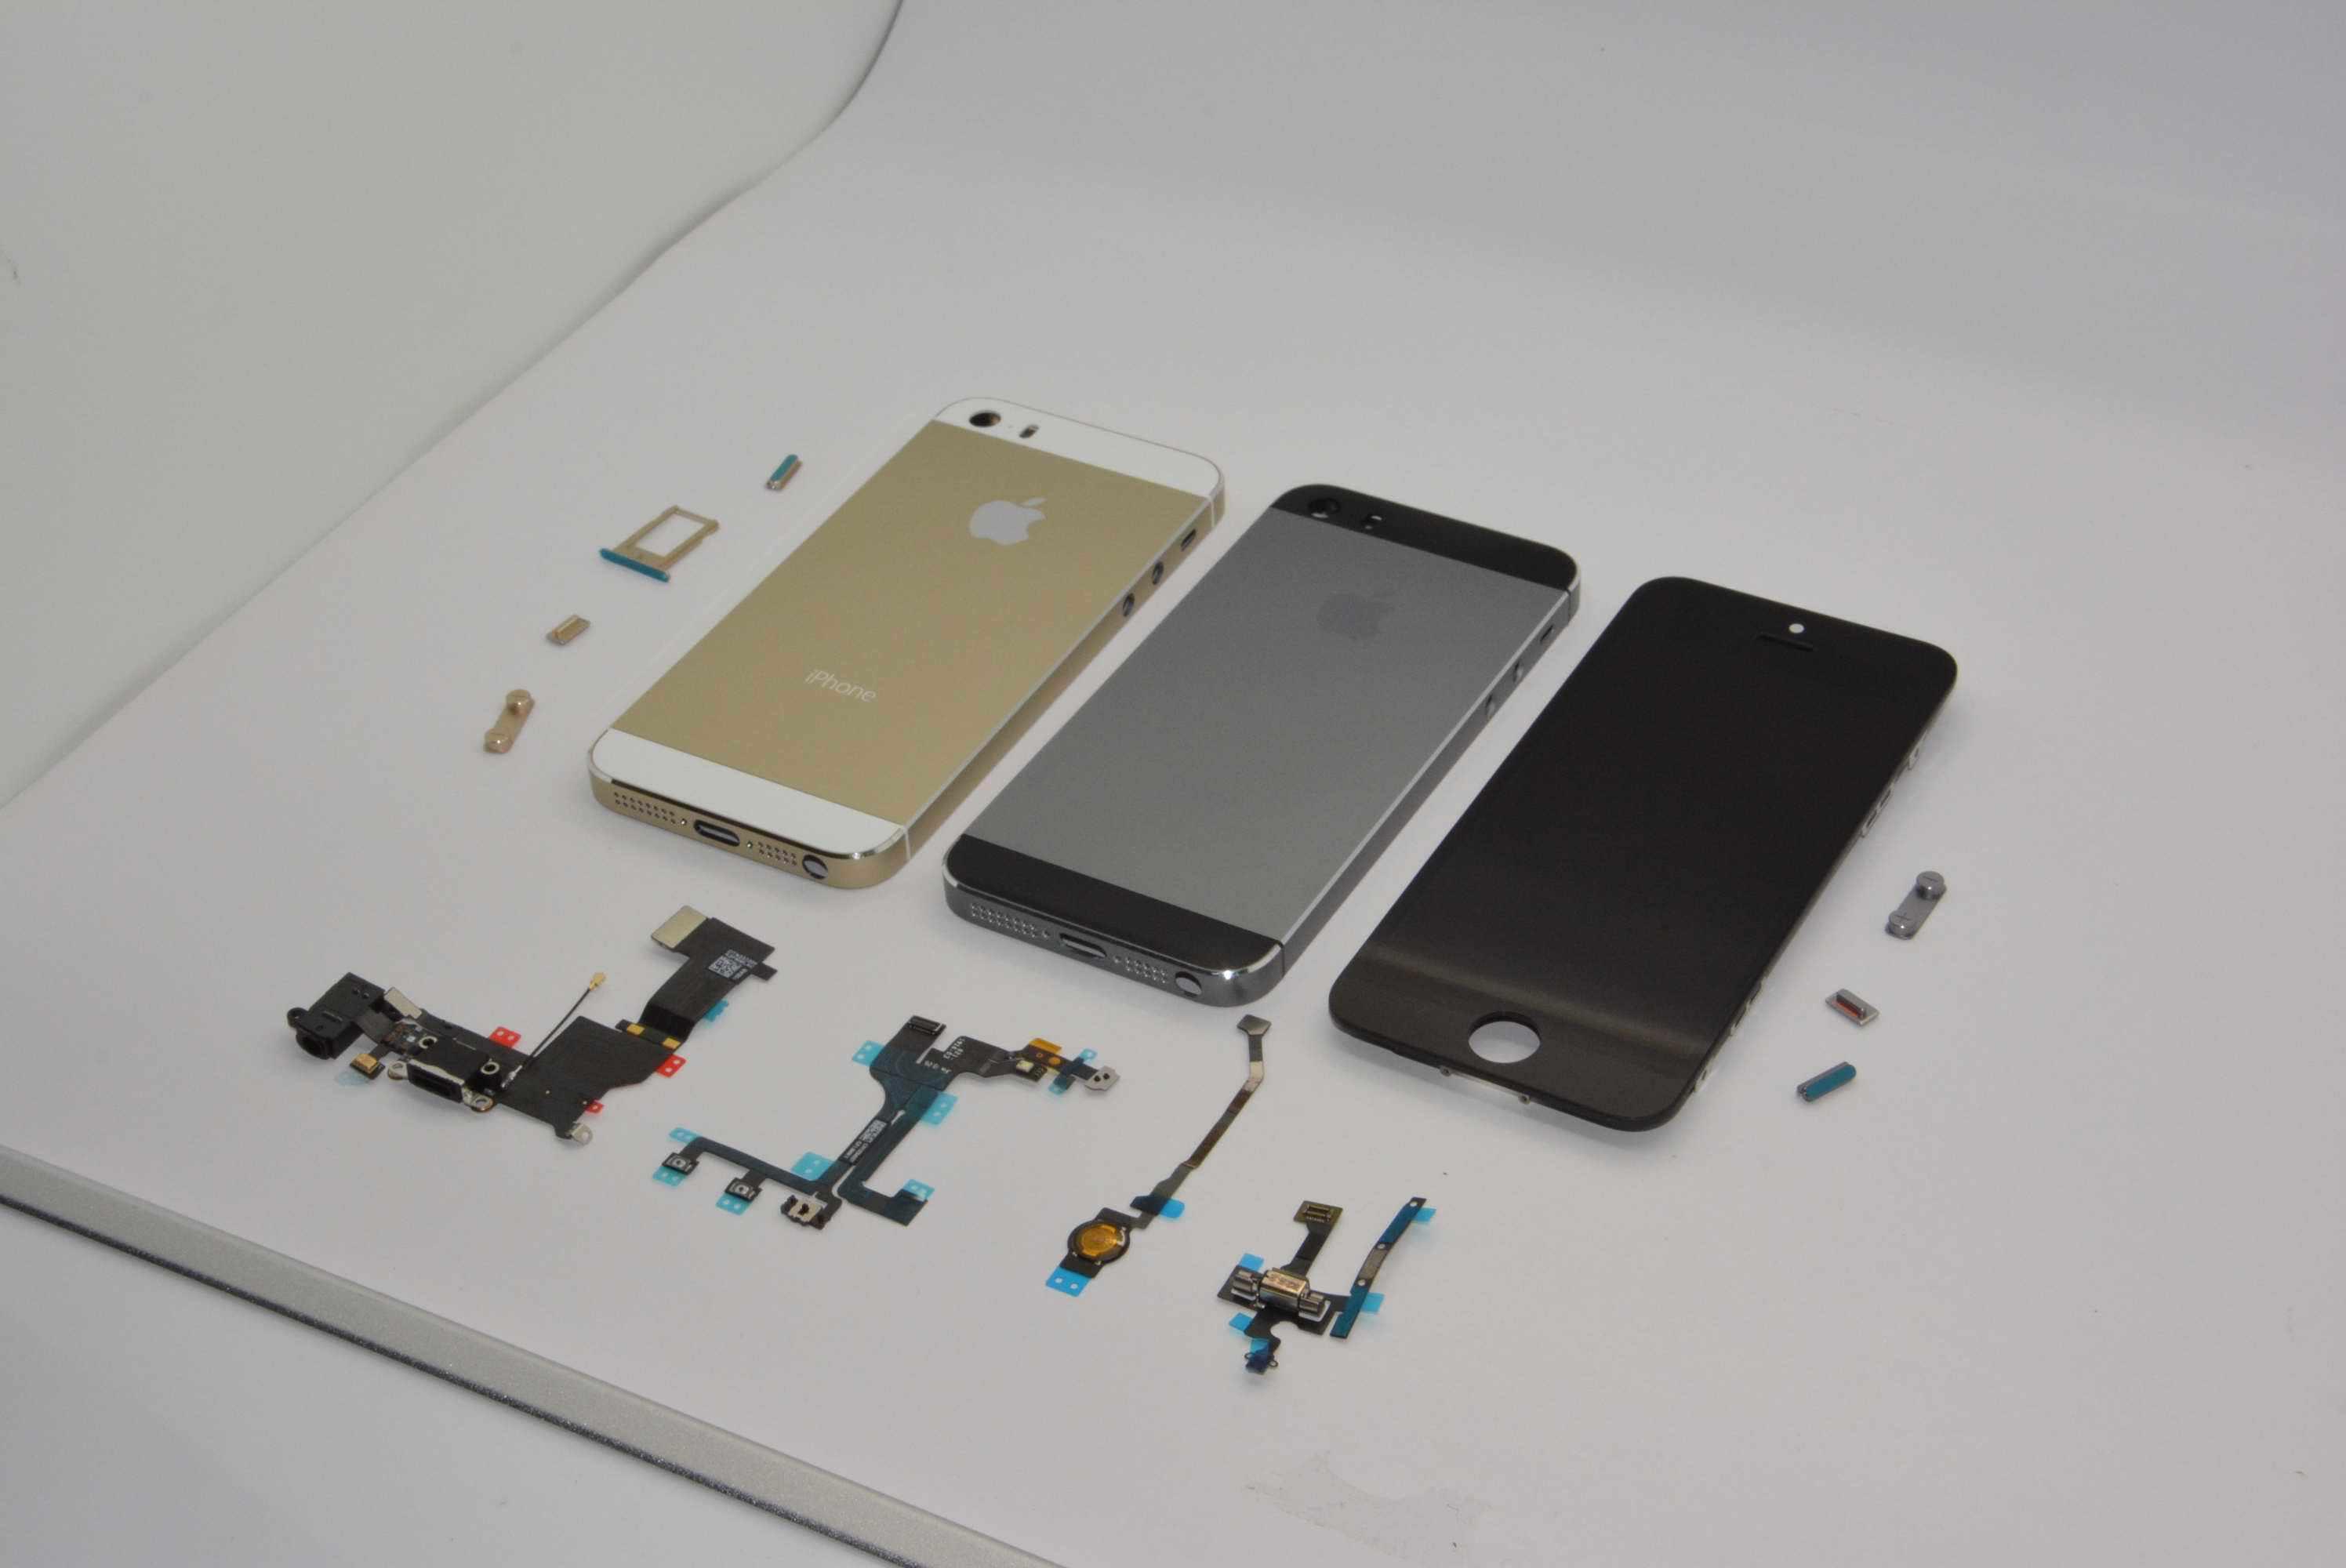 AT&Tにも20日〜22日に休暇取得制限が発動!iPhone 5Sの発売日は9月20日の可能性大?